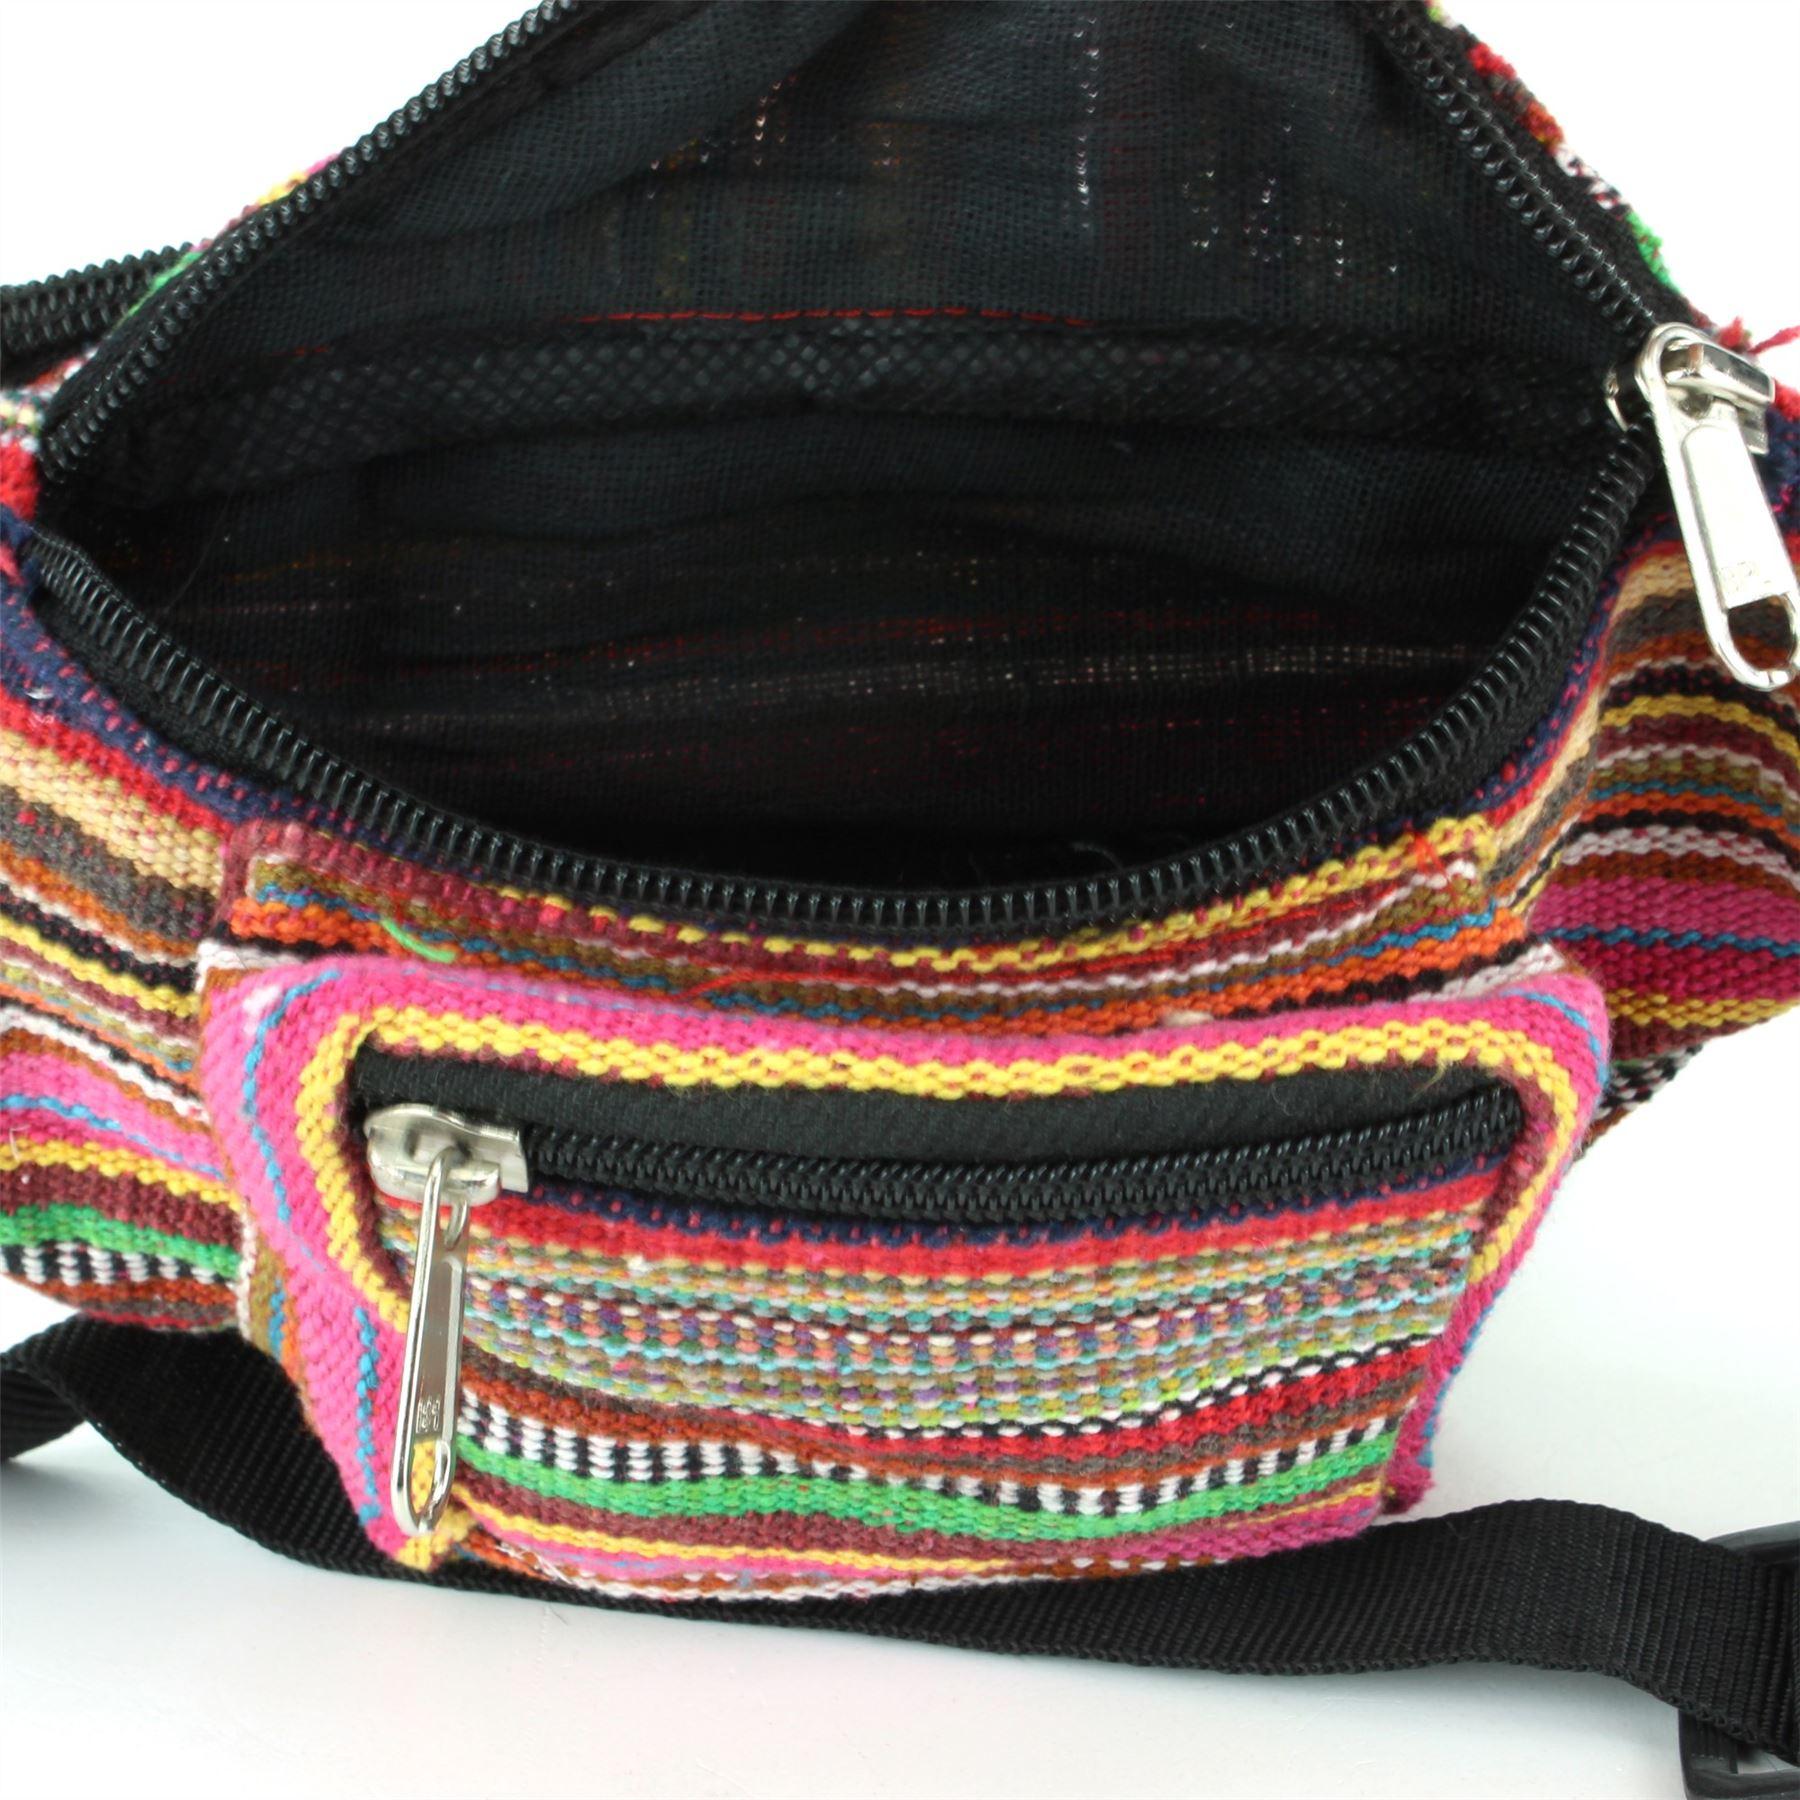 Money Belt Bum Bag Festival Pouch Fanny Pack Canvas LoudElephant Black Waist